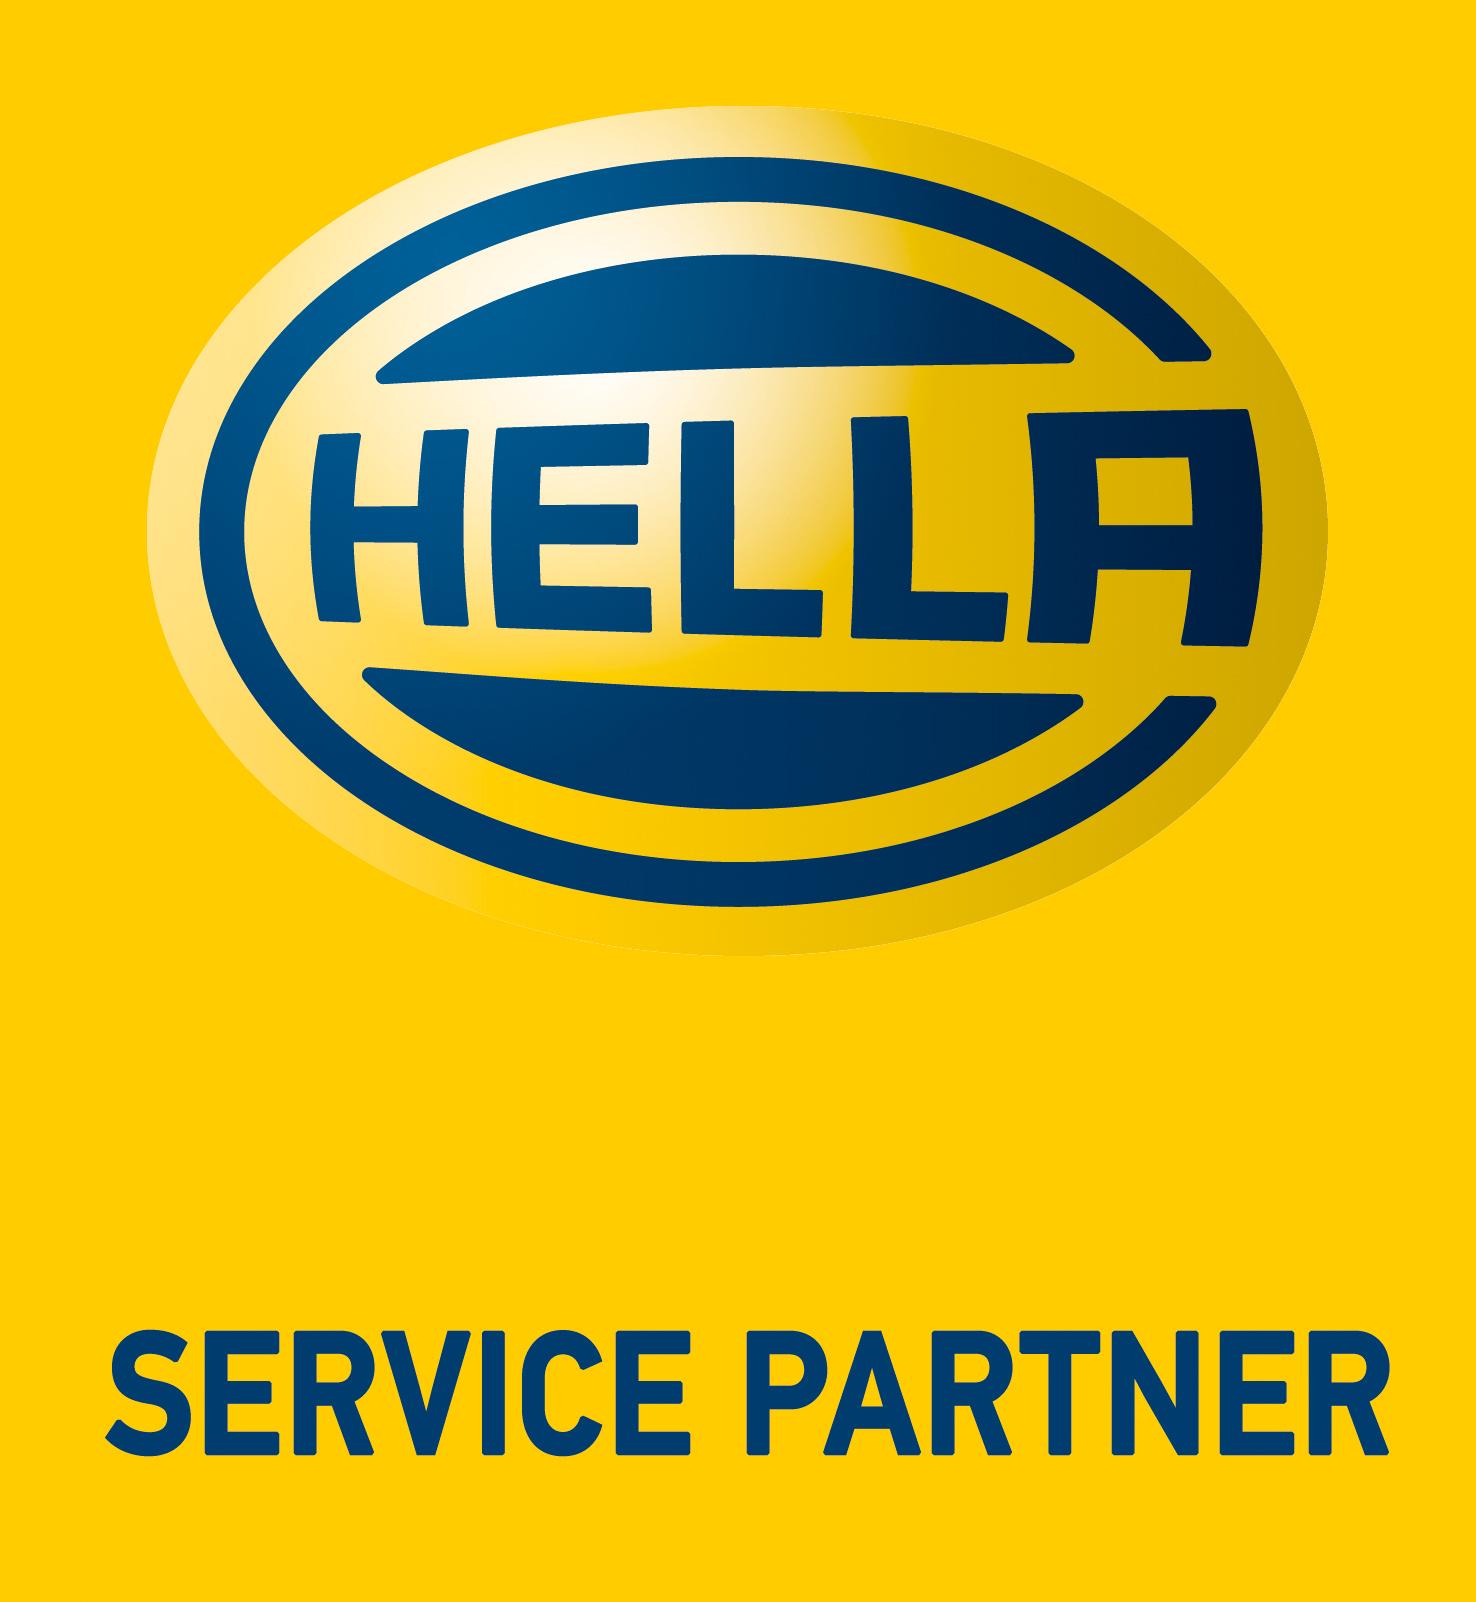 #CBA200 Bedst Laurids' Auto V/Erik Tved Lauridsen Hella Service Partner 2650 Hvidovre Gør Det Selv Service Bil 6033 147616026033